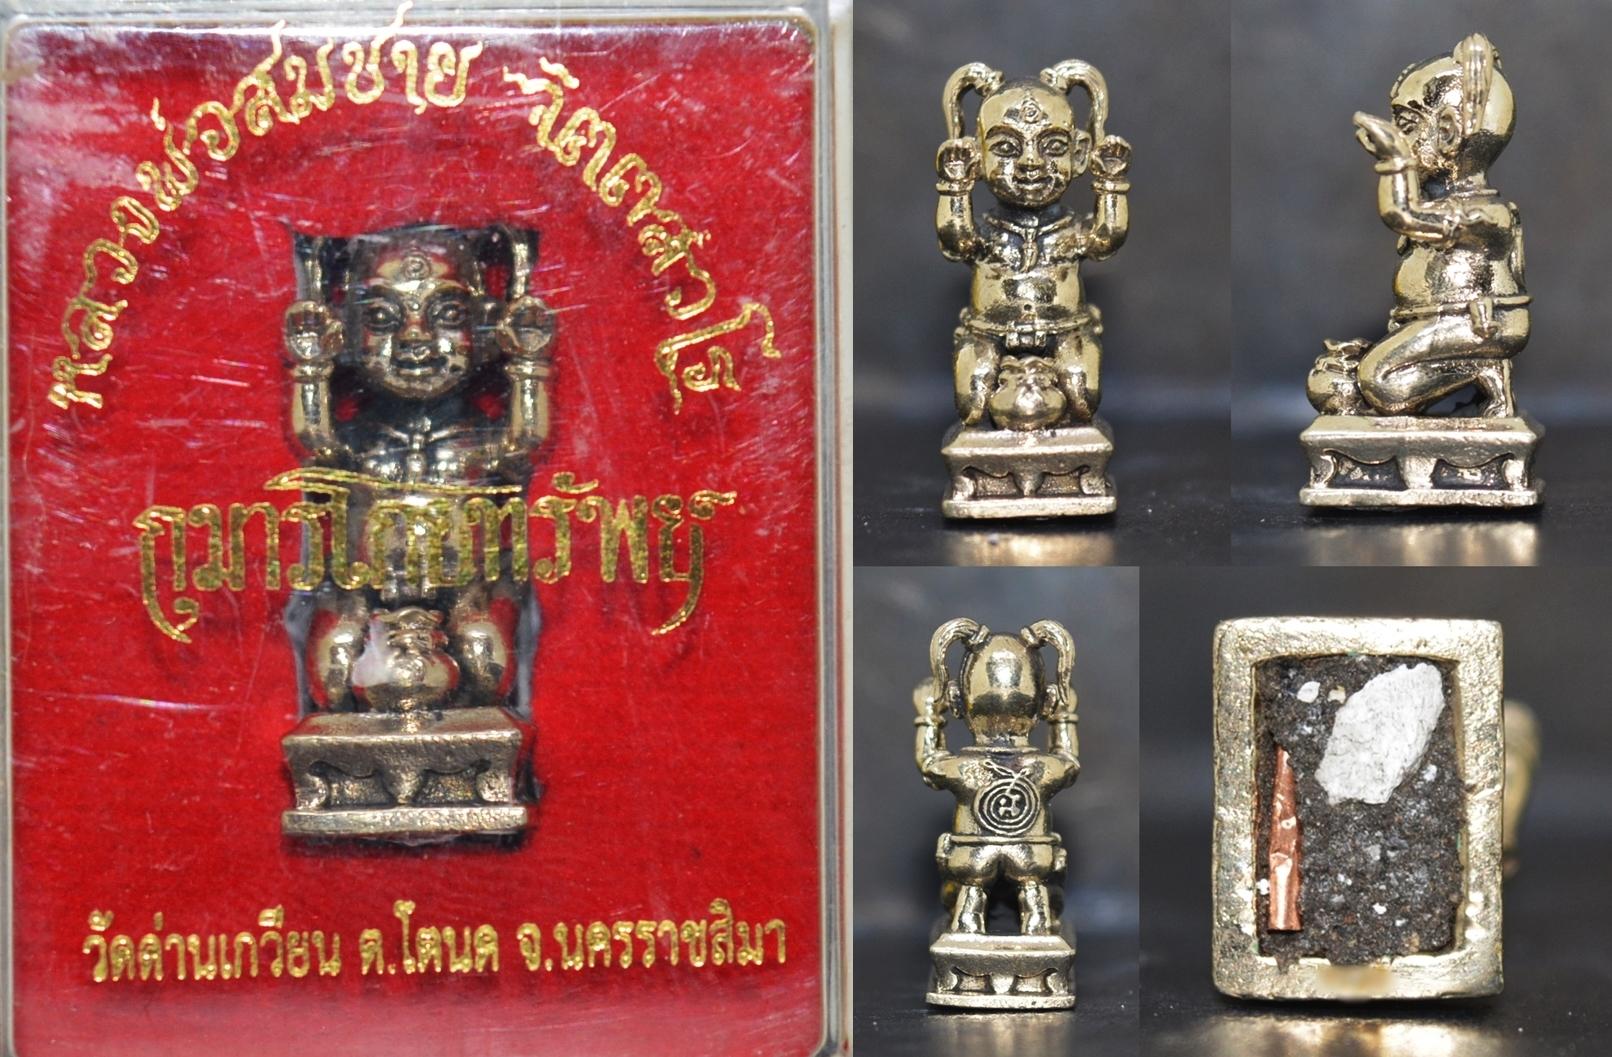 กุมารโกยทรัพย์ เนื้อทองขาว หลวงพ่อสมชาย วัดด่านเกวียน นครราชสีมา 2555